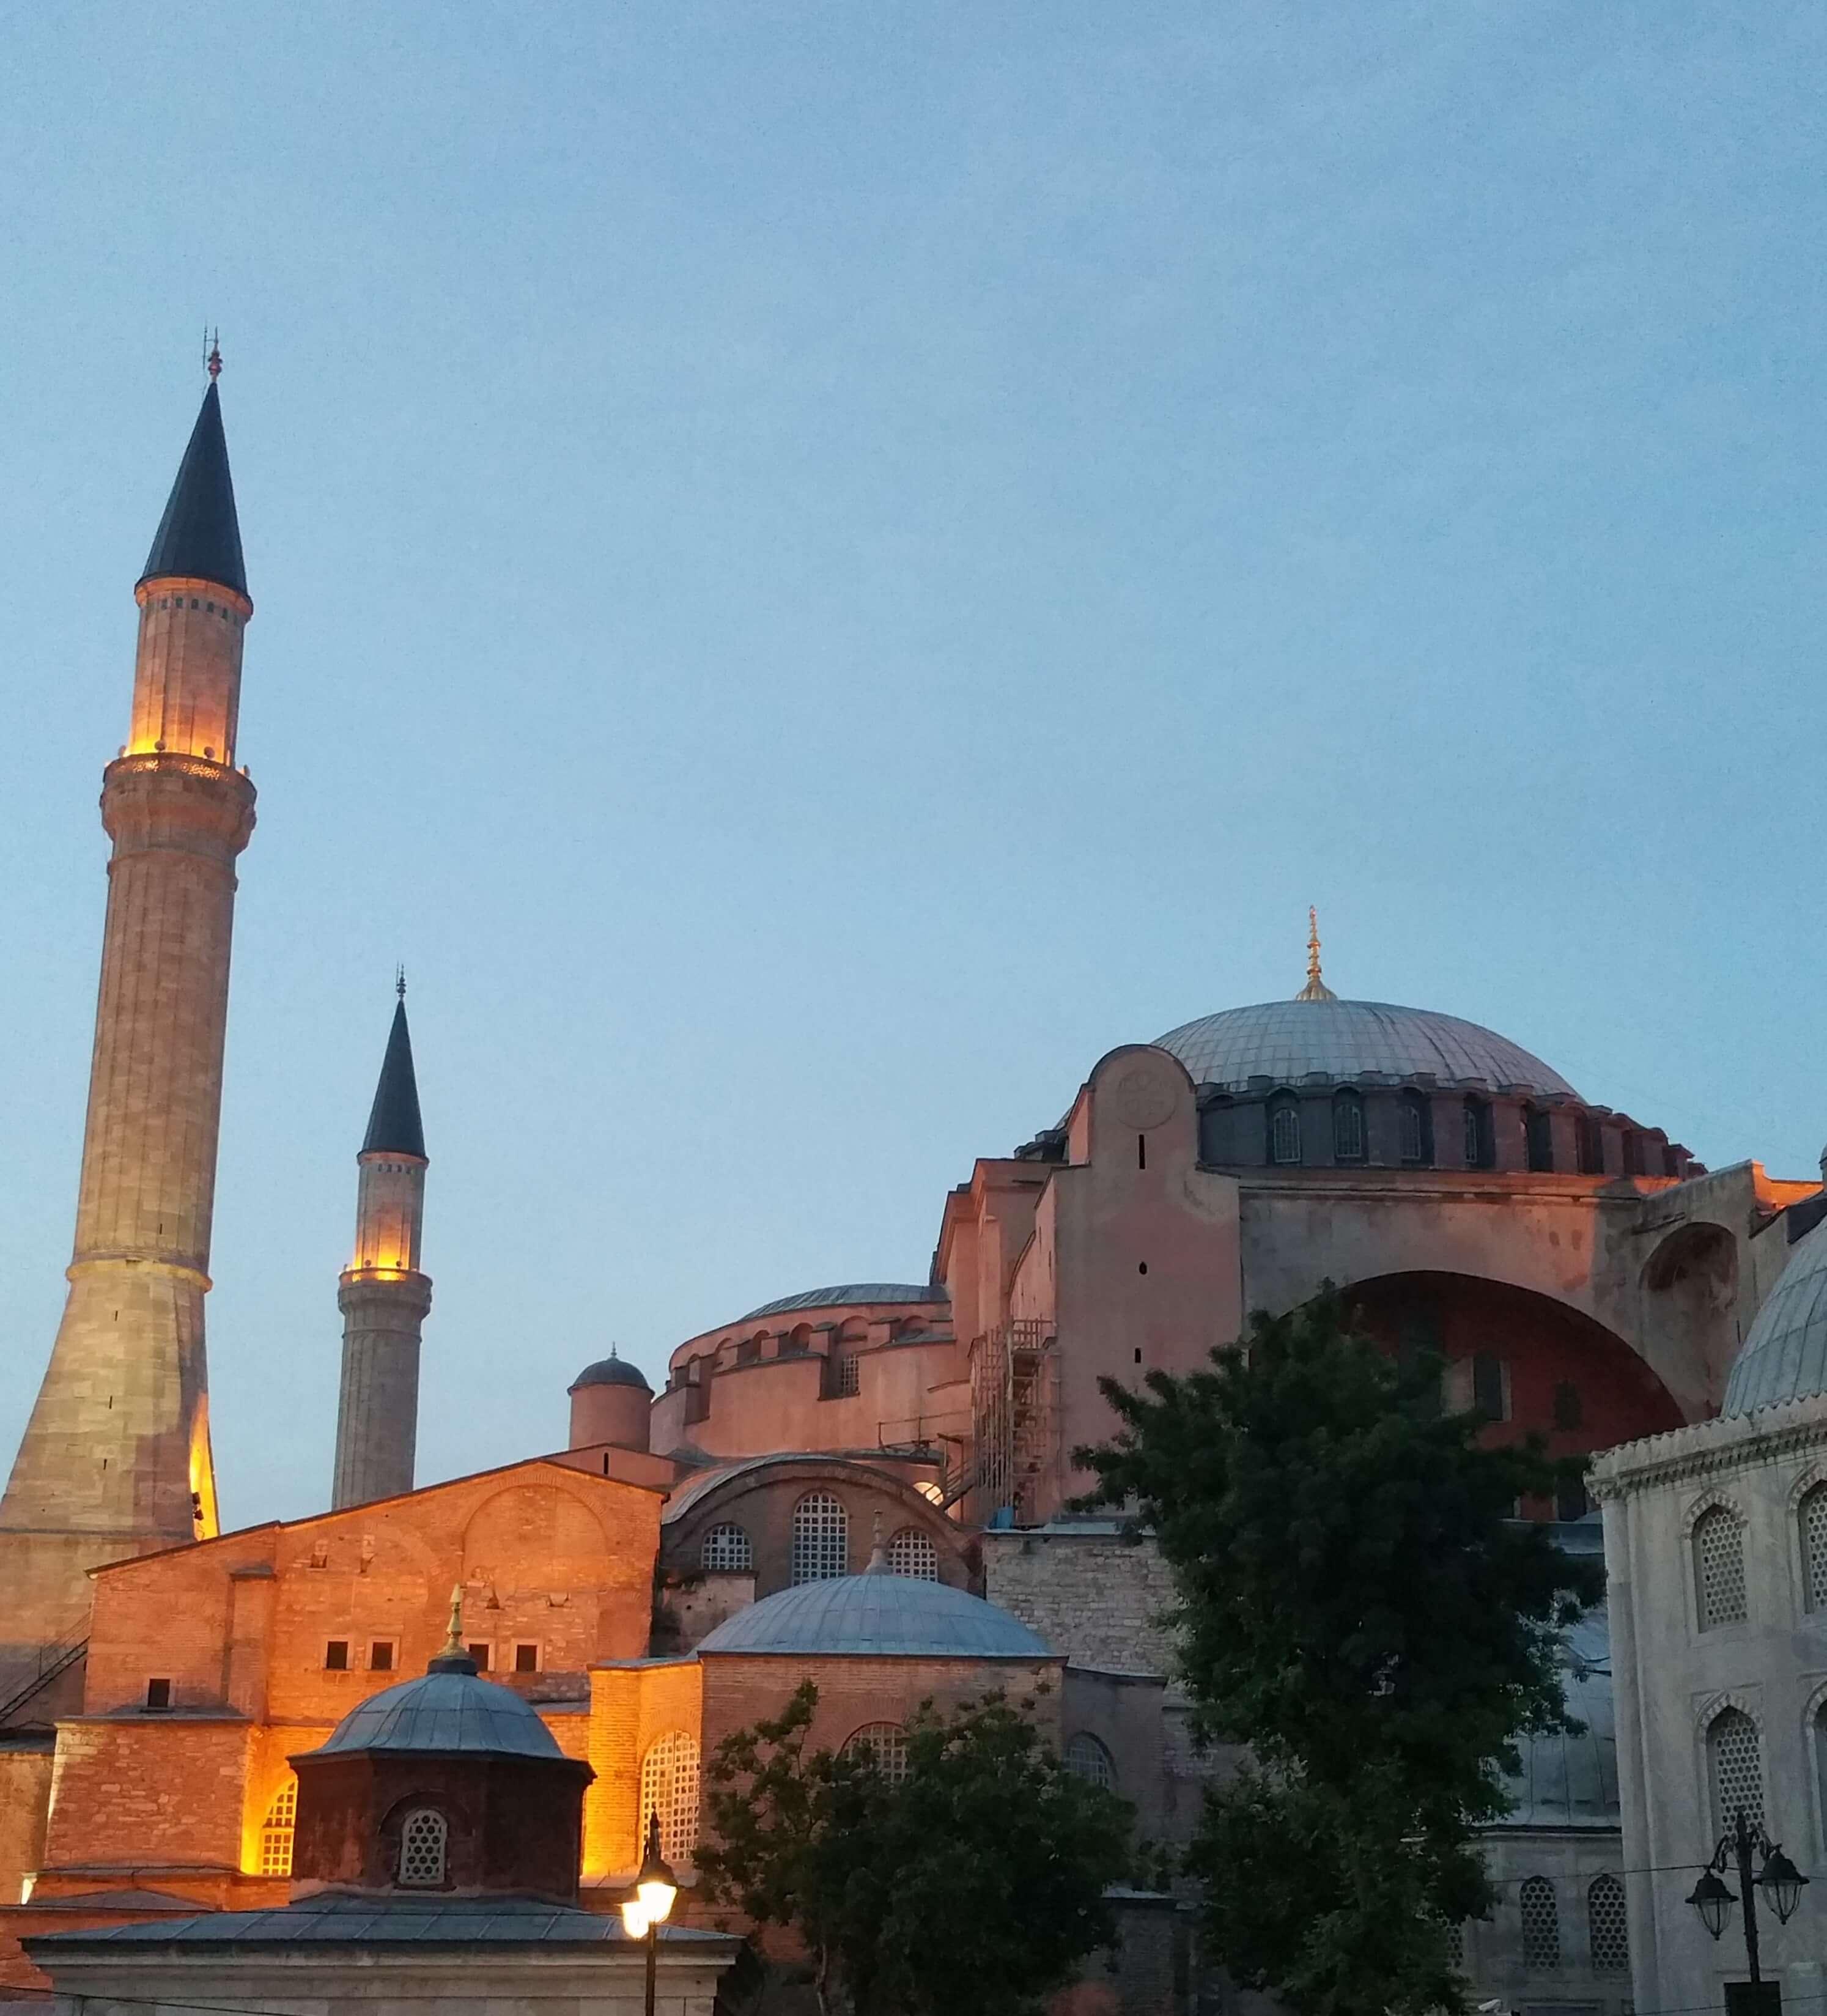 Istanbul {part 1 of 4} Hagia Sophia